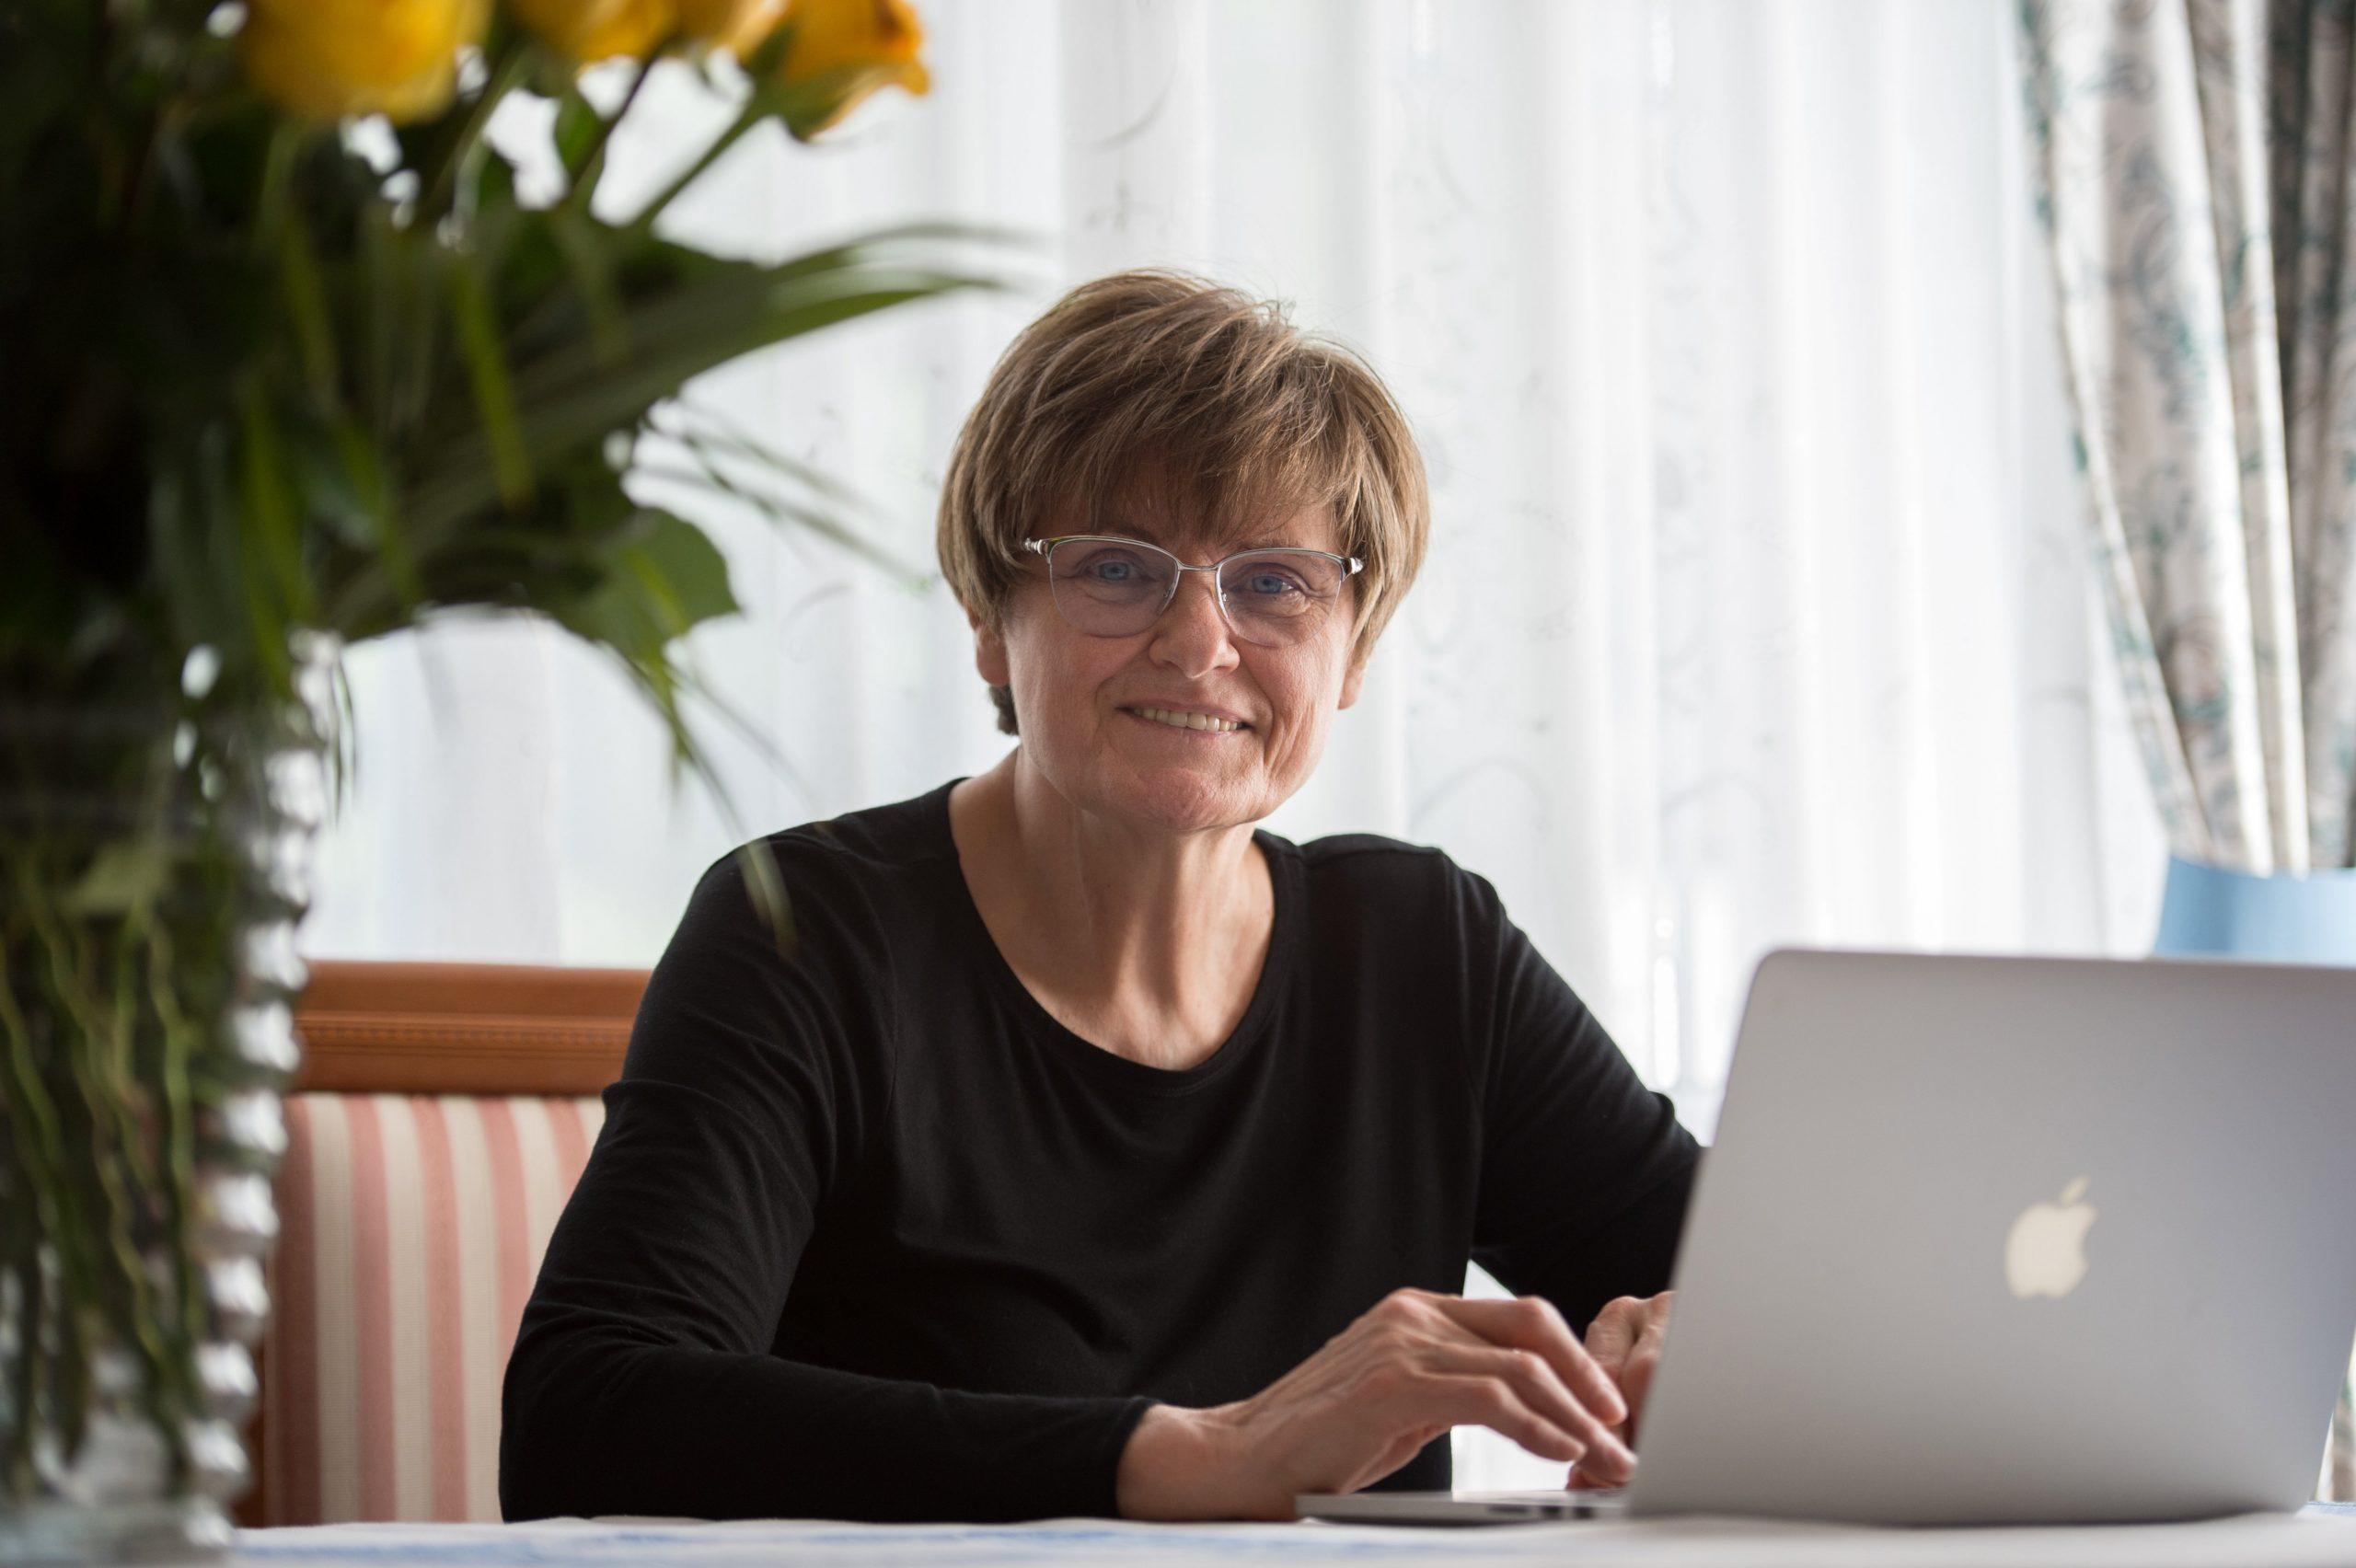 Katalin Karikó mit Reichstein-Medaille ausgezeichnet, Nobelpreis in Aussicht?